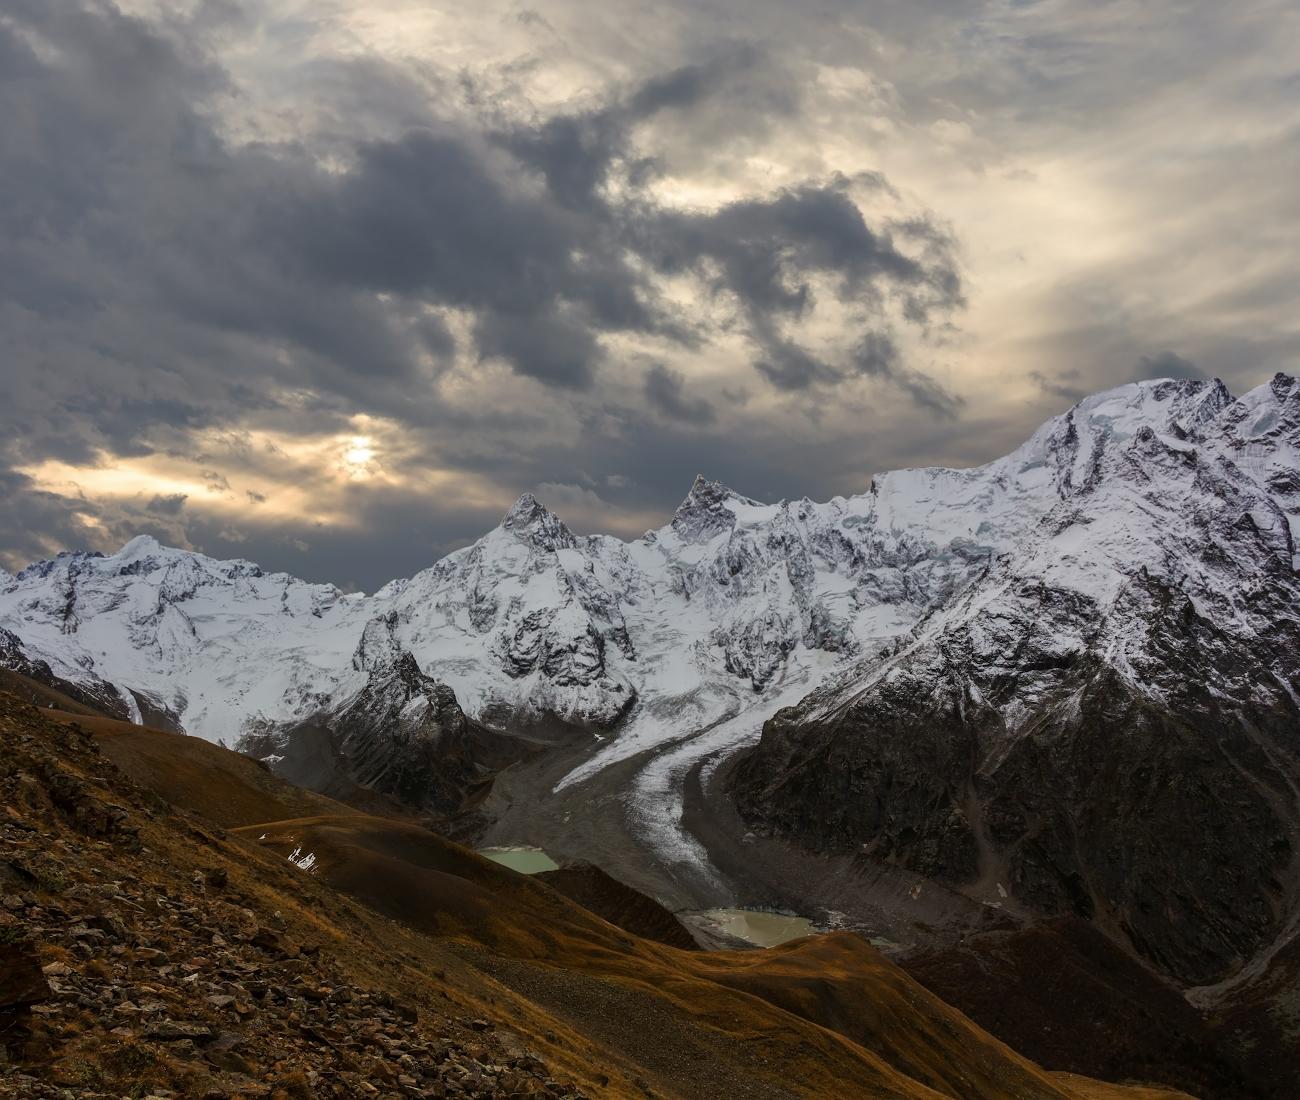 снимок сделан при восхождении на вершину Курмачи (4170м), внизу озеро Башкара, ущелье Адылсу, вершины Башкара, Джантуган , Балкария...